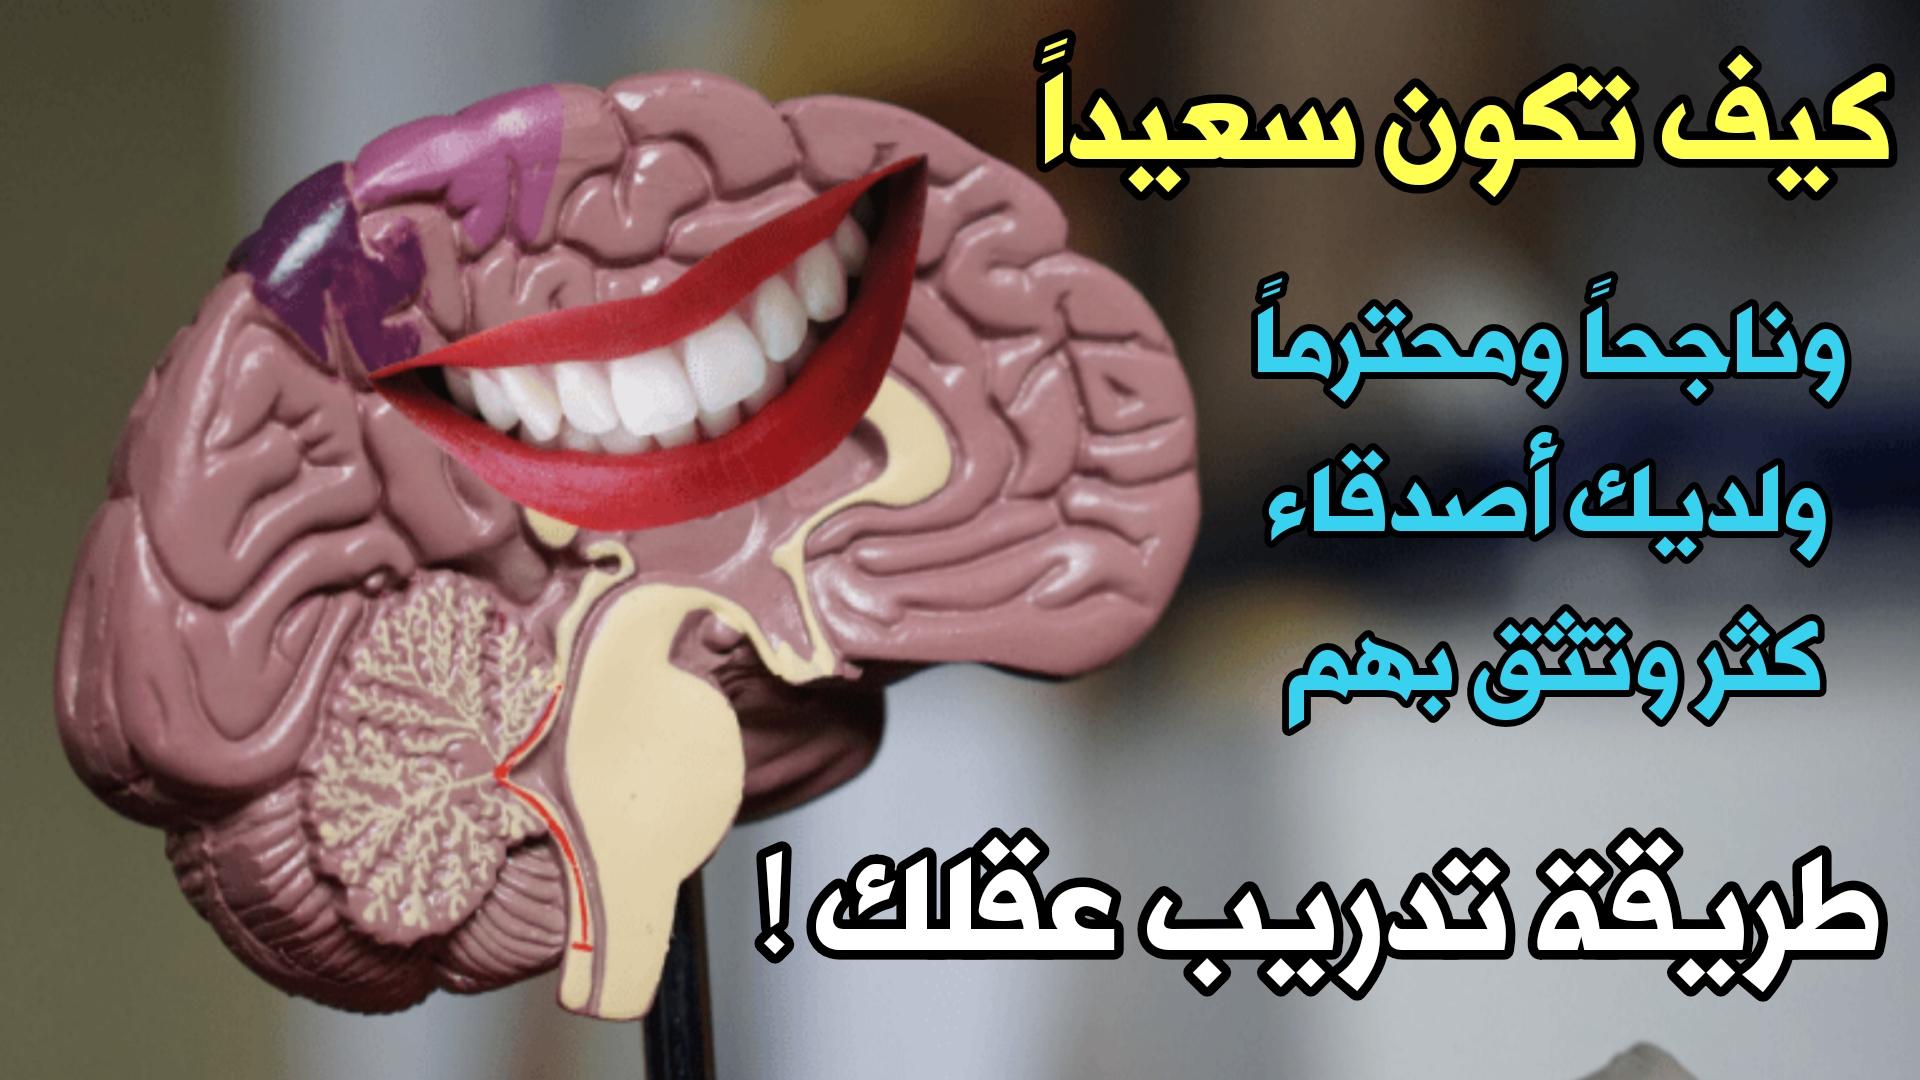 كيف تكون سعيداً وناجحاً ومحترماً وأمناً ولديك أصدقاء كثر في حياتك !!! طريقة تدريب عقلك